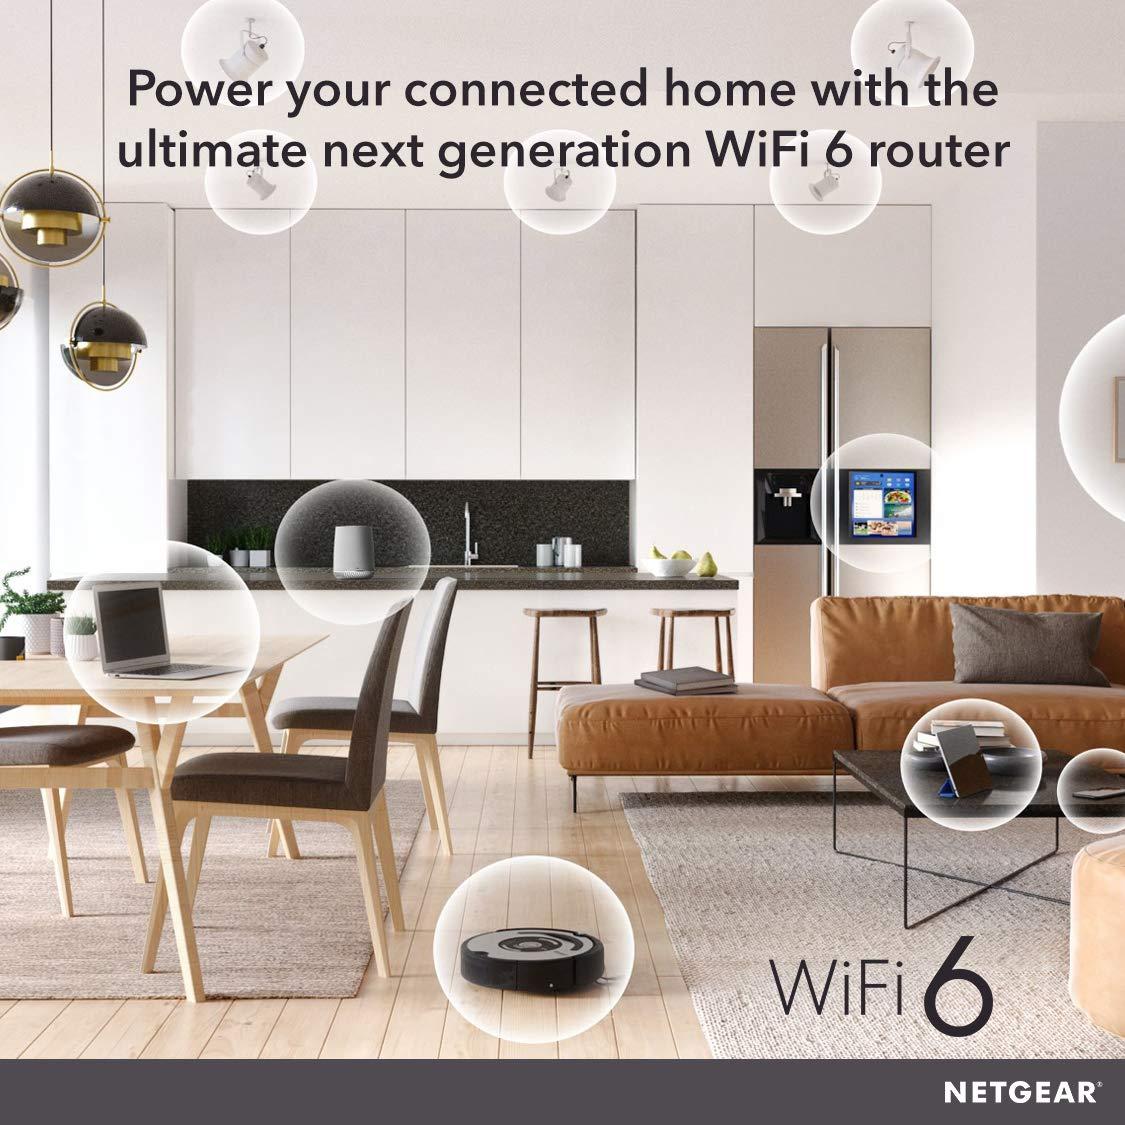 wifi 千兆无线家用路由器穿墙高速 5g 双频路由器光纤 WiFi6 AX6000M Stream 8 RAX80 NETGEAR